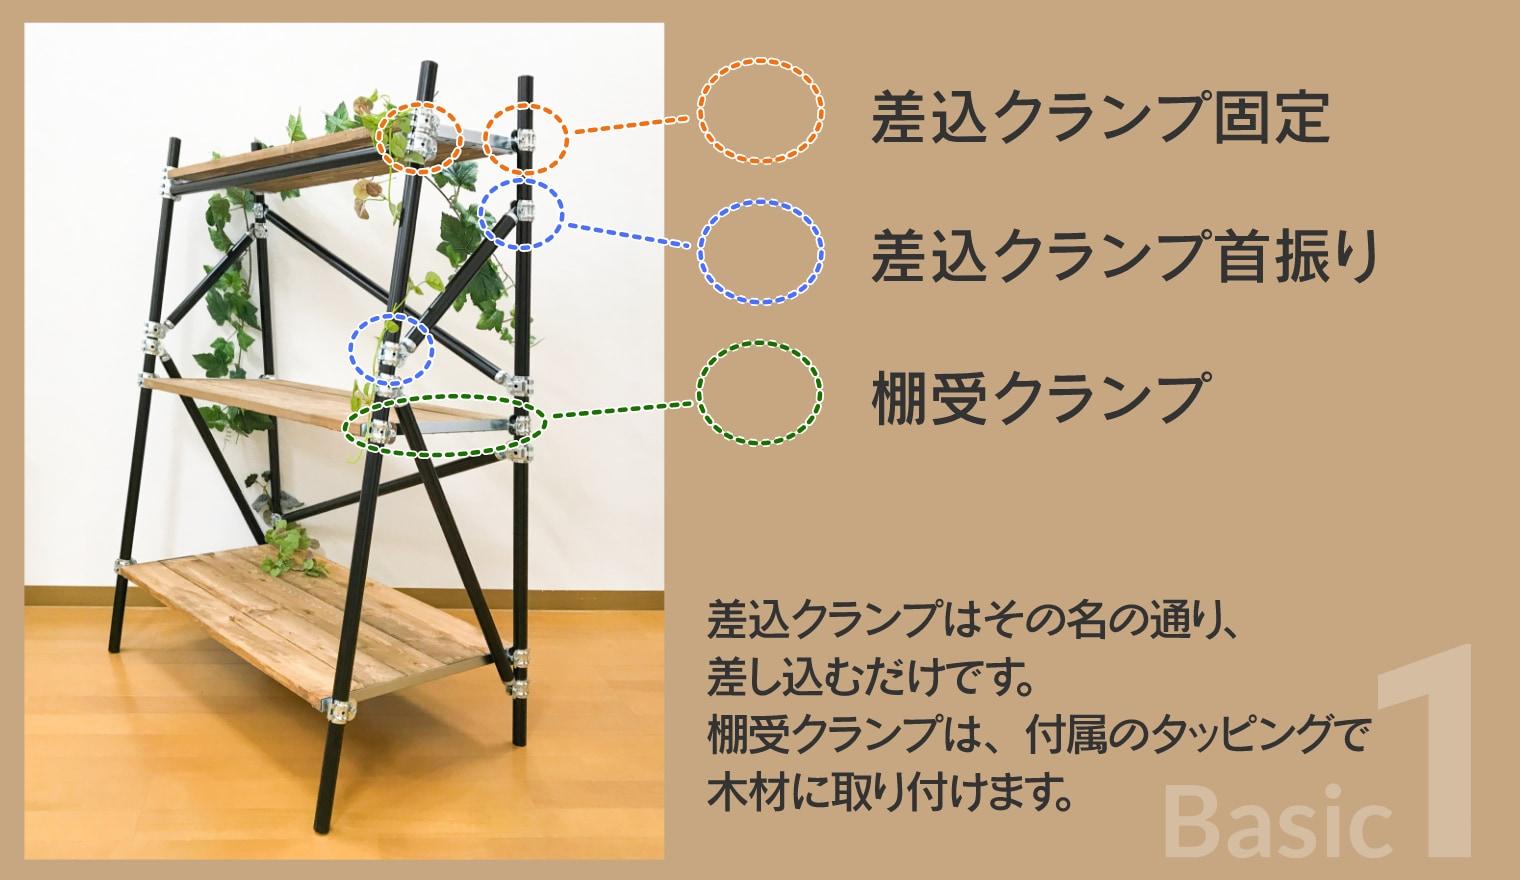 アリスト基本1 (差し込みクランプ固定・差し込みクランプ首振り・棚受クランプ)差し込みクランプはその名の通り、差し込むだけです。棚受クランプは、付属のタッピングで木材に取り付けます。